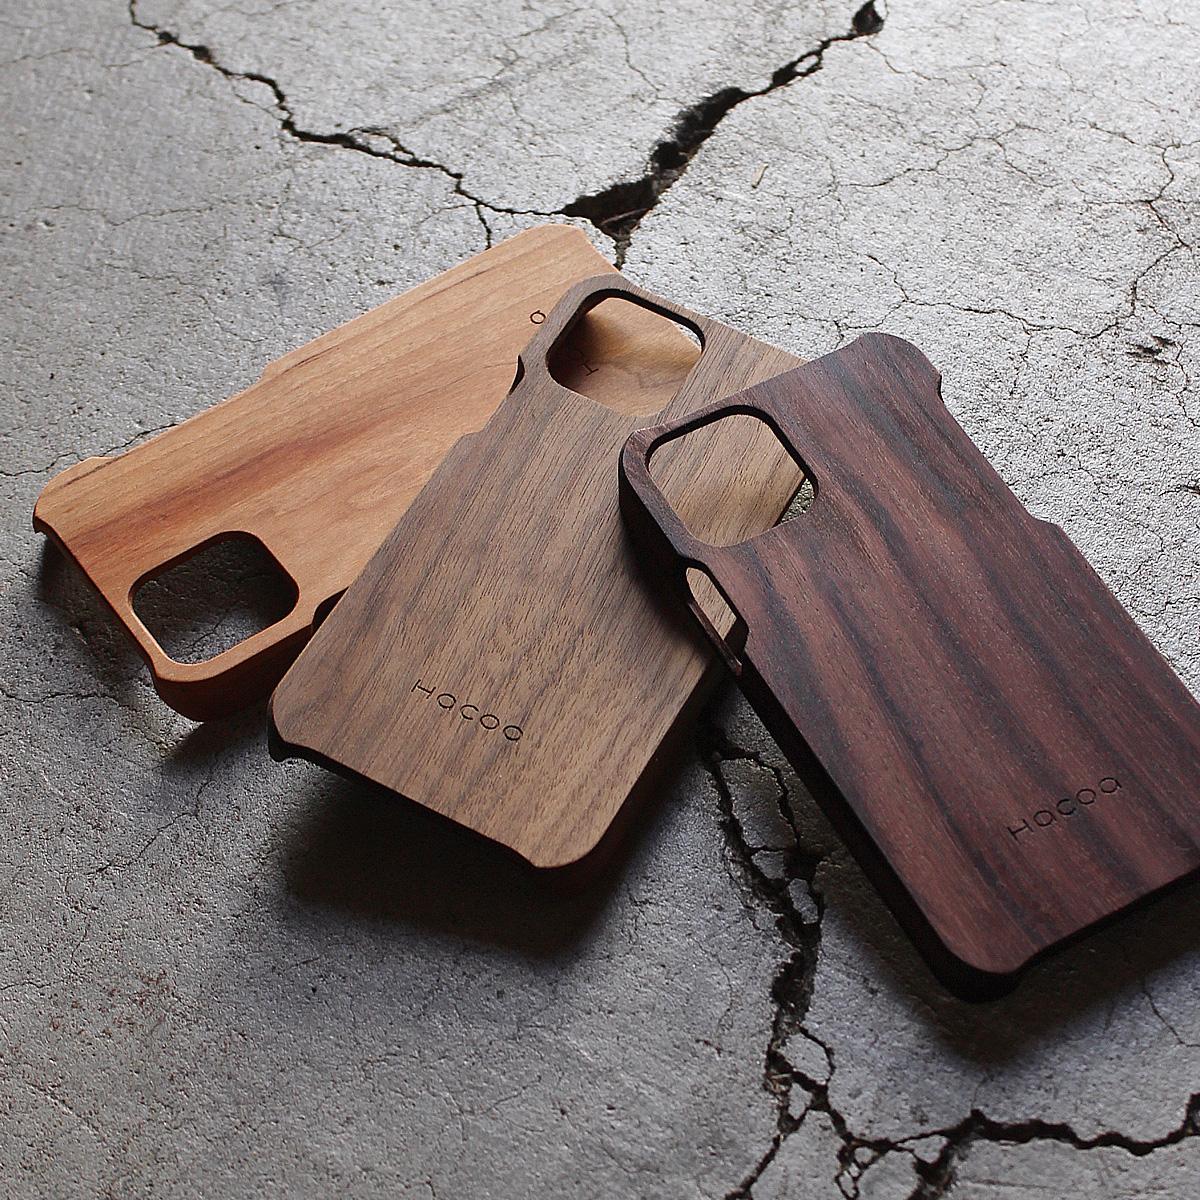 天然木を削り出してつくったHacoaのiPhone12用ケース